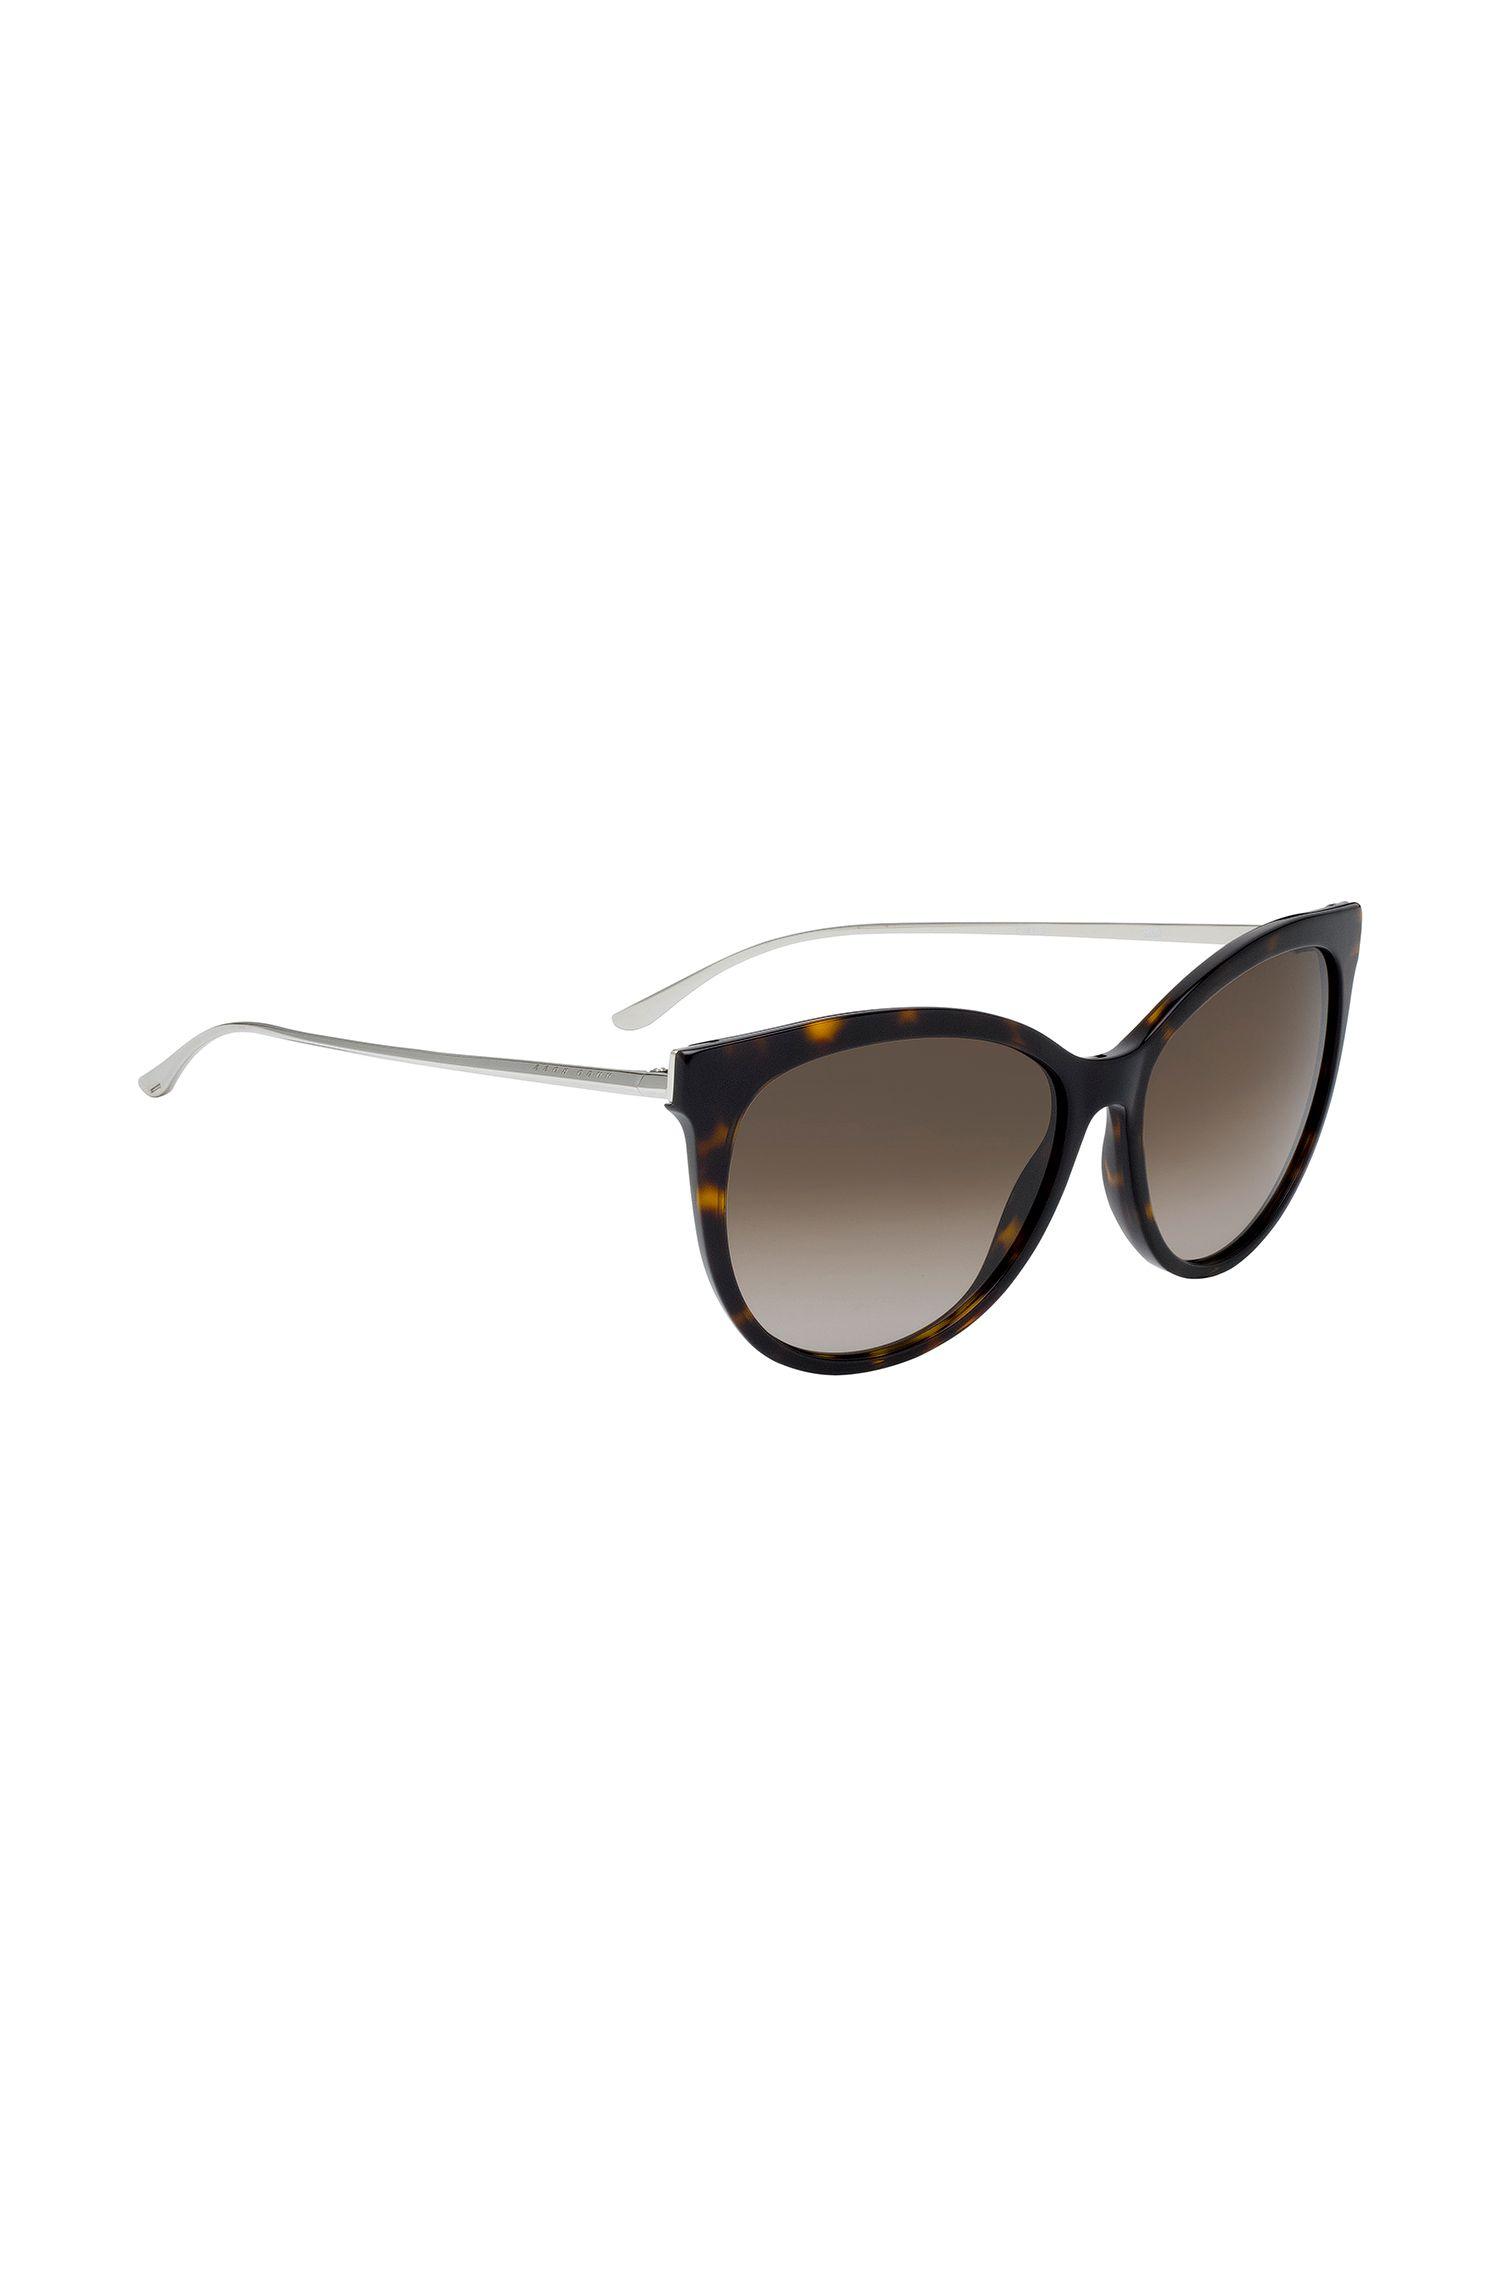 Tortoiseshell Cat-Eye Sunglasses | BOSS 0892S, Assorted-Pre-Pack